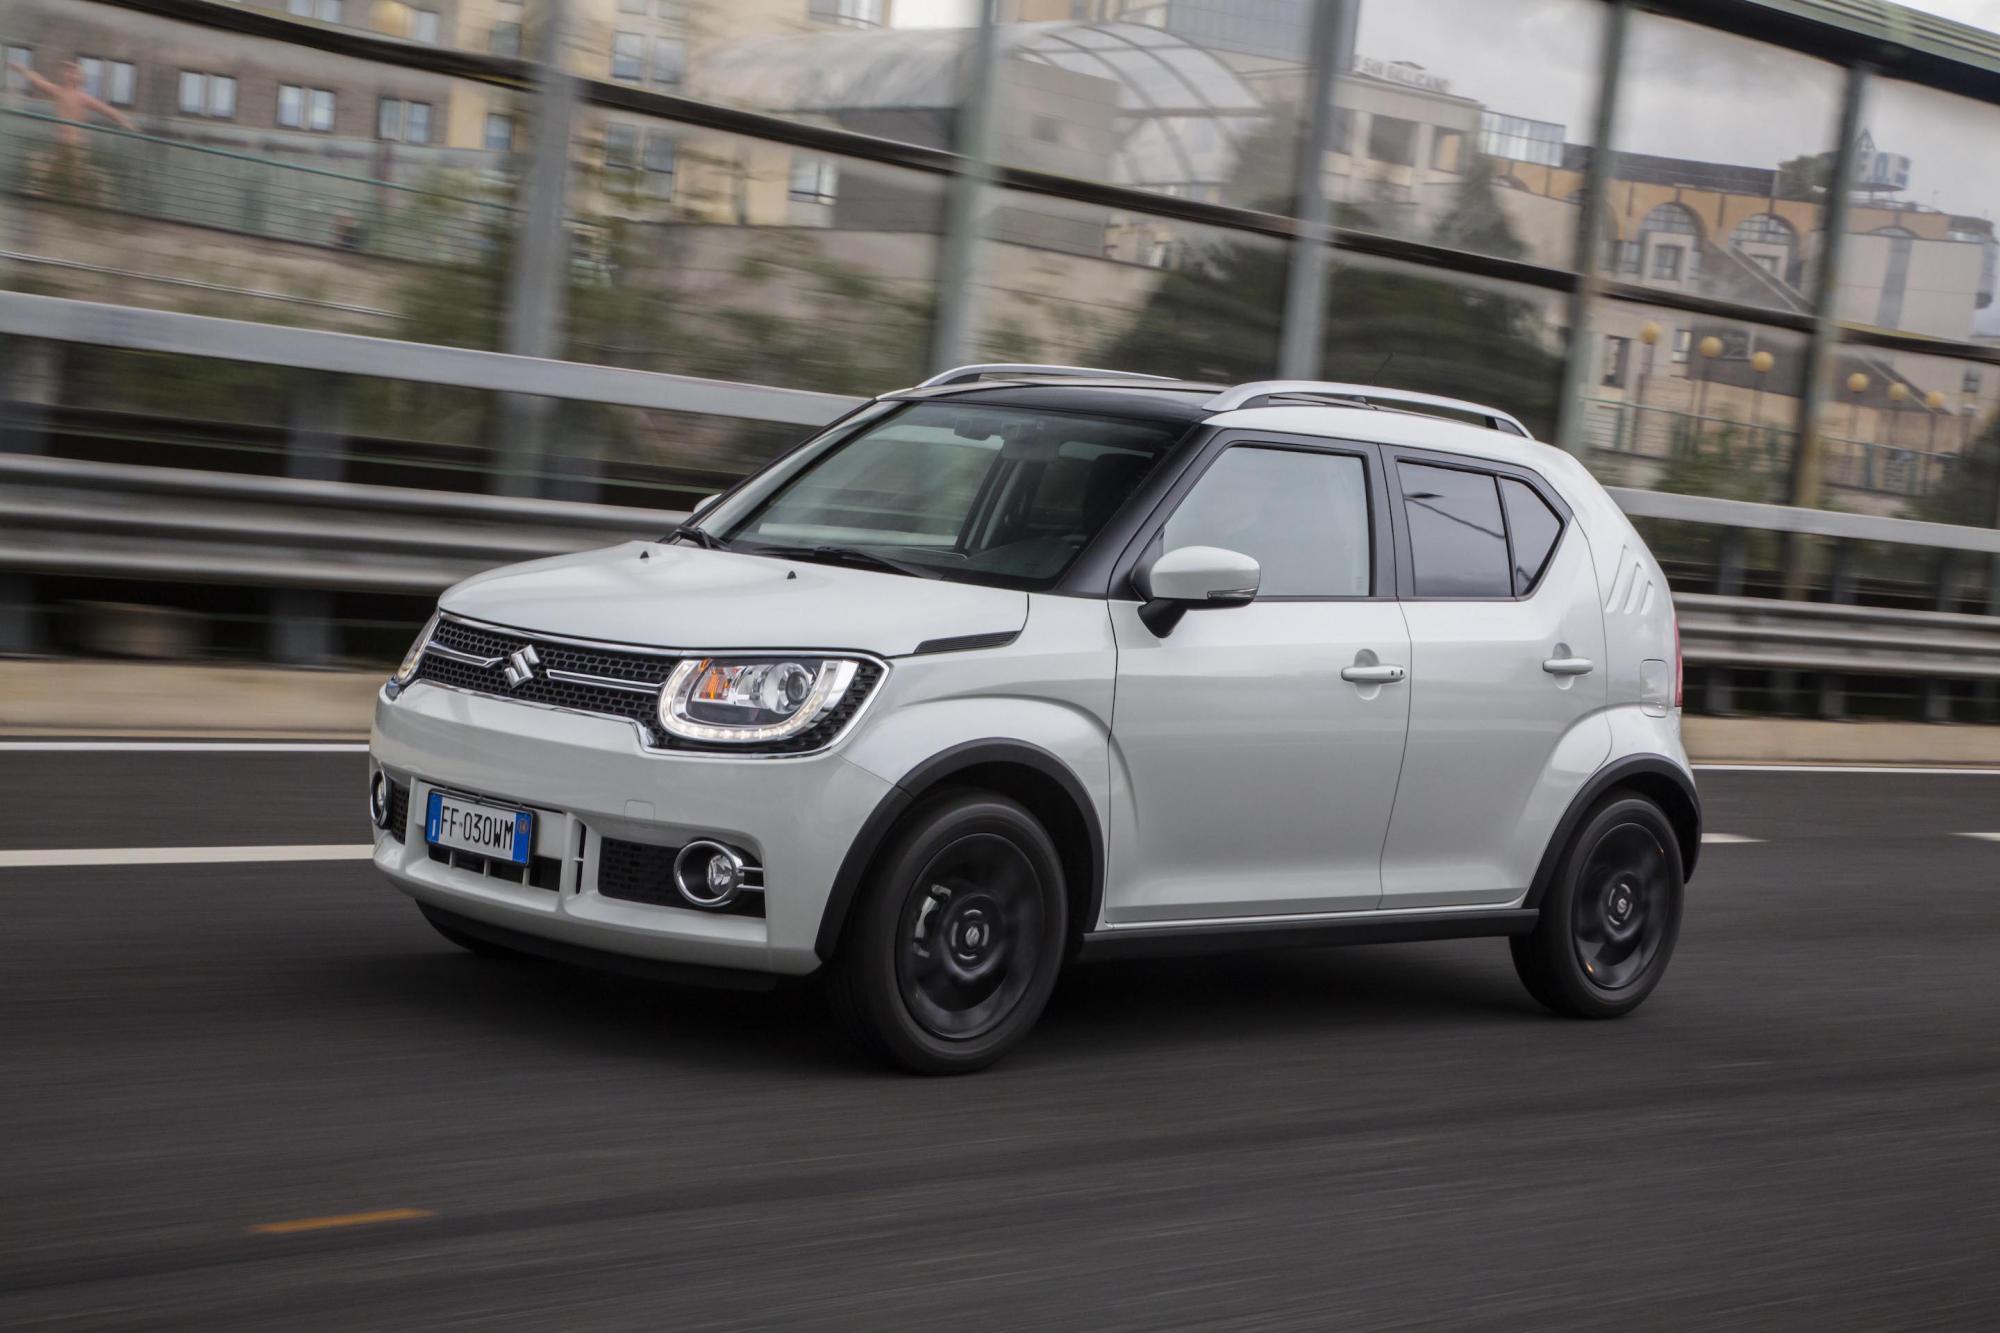 Suzuki Ignis 1.2 Hybrid 90Ps